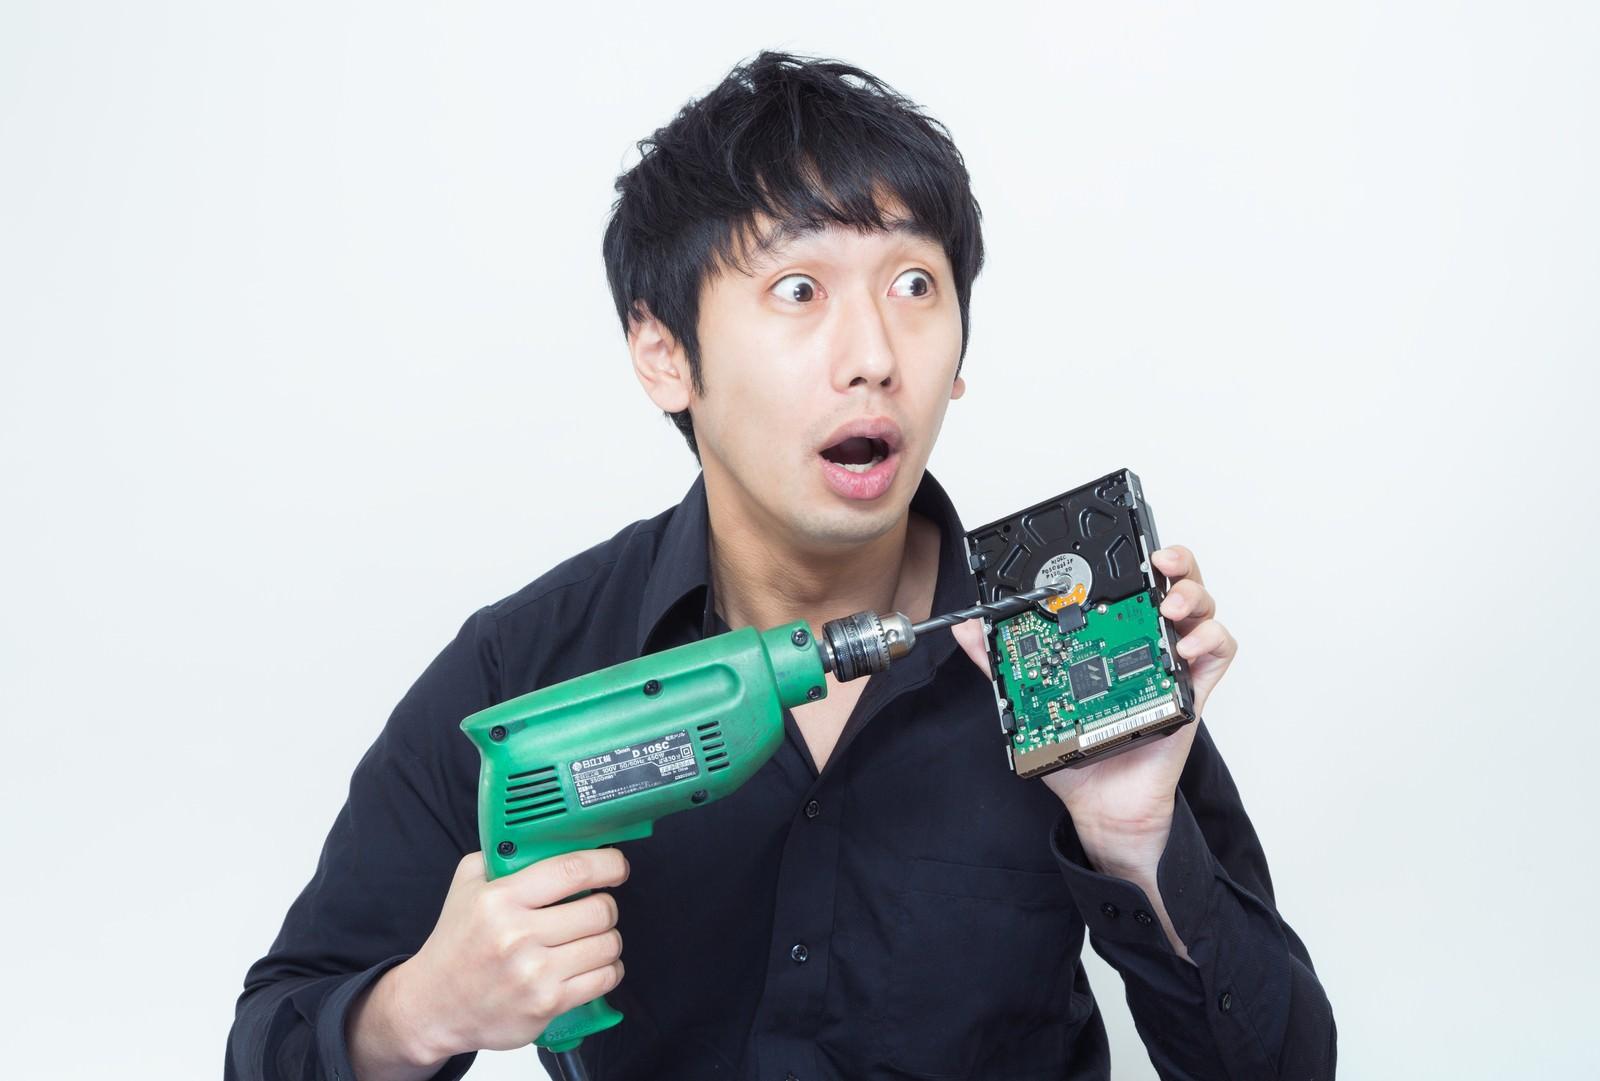 「ドリルでHDDを破壊しようとしたその時、何者かに見つかり焦る男性ドリルでHDDを破壊しようとしたその時、何者かに見つかり焦る男性」[モデル:大川竜弥]のフリー写真素材